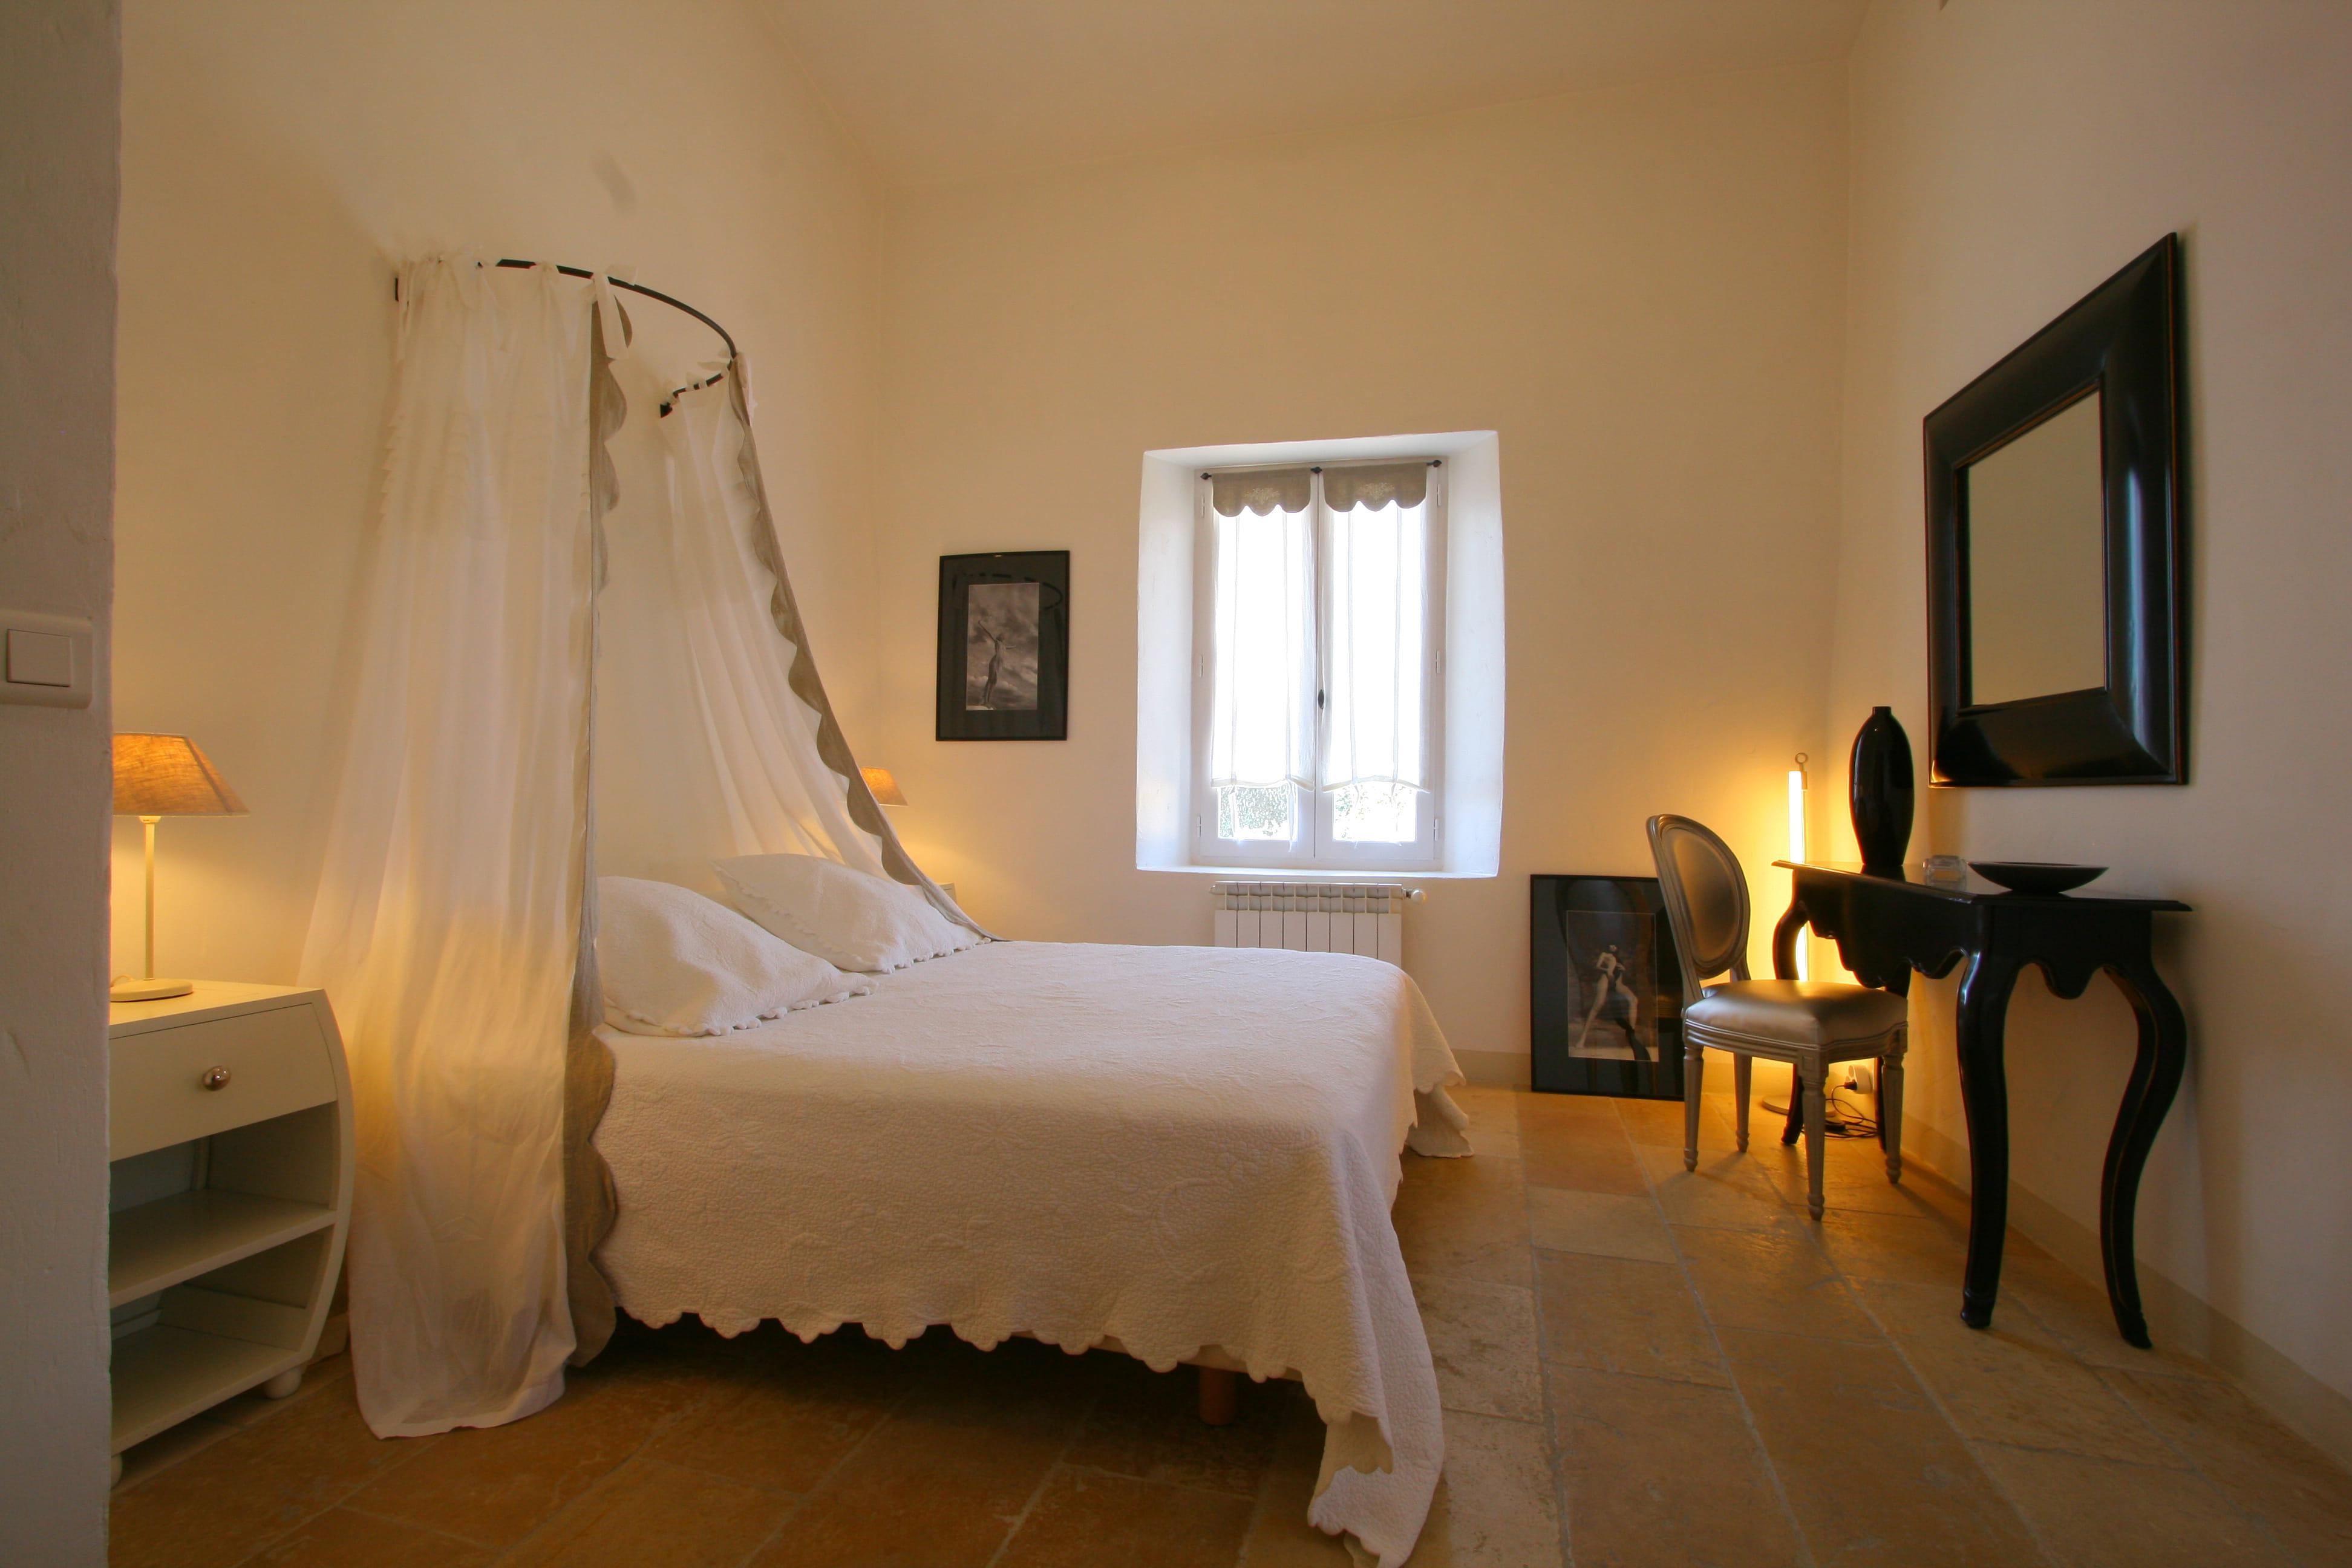 D coration chambre avec ciel de lit - Decoration chambre adulte pas cher ...